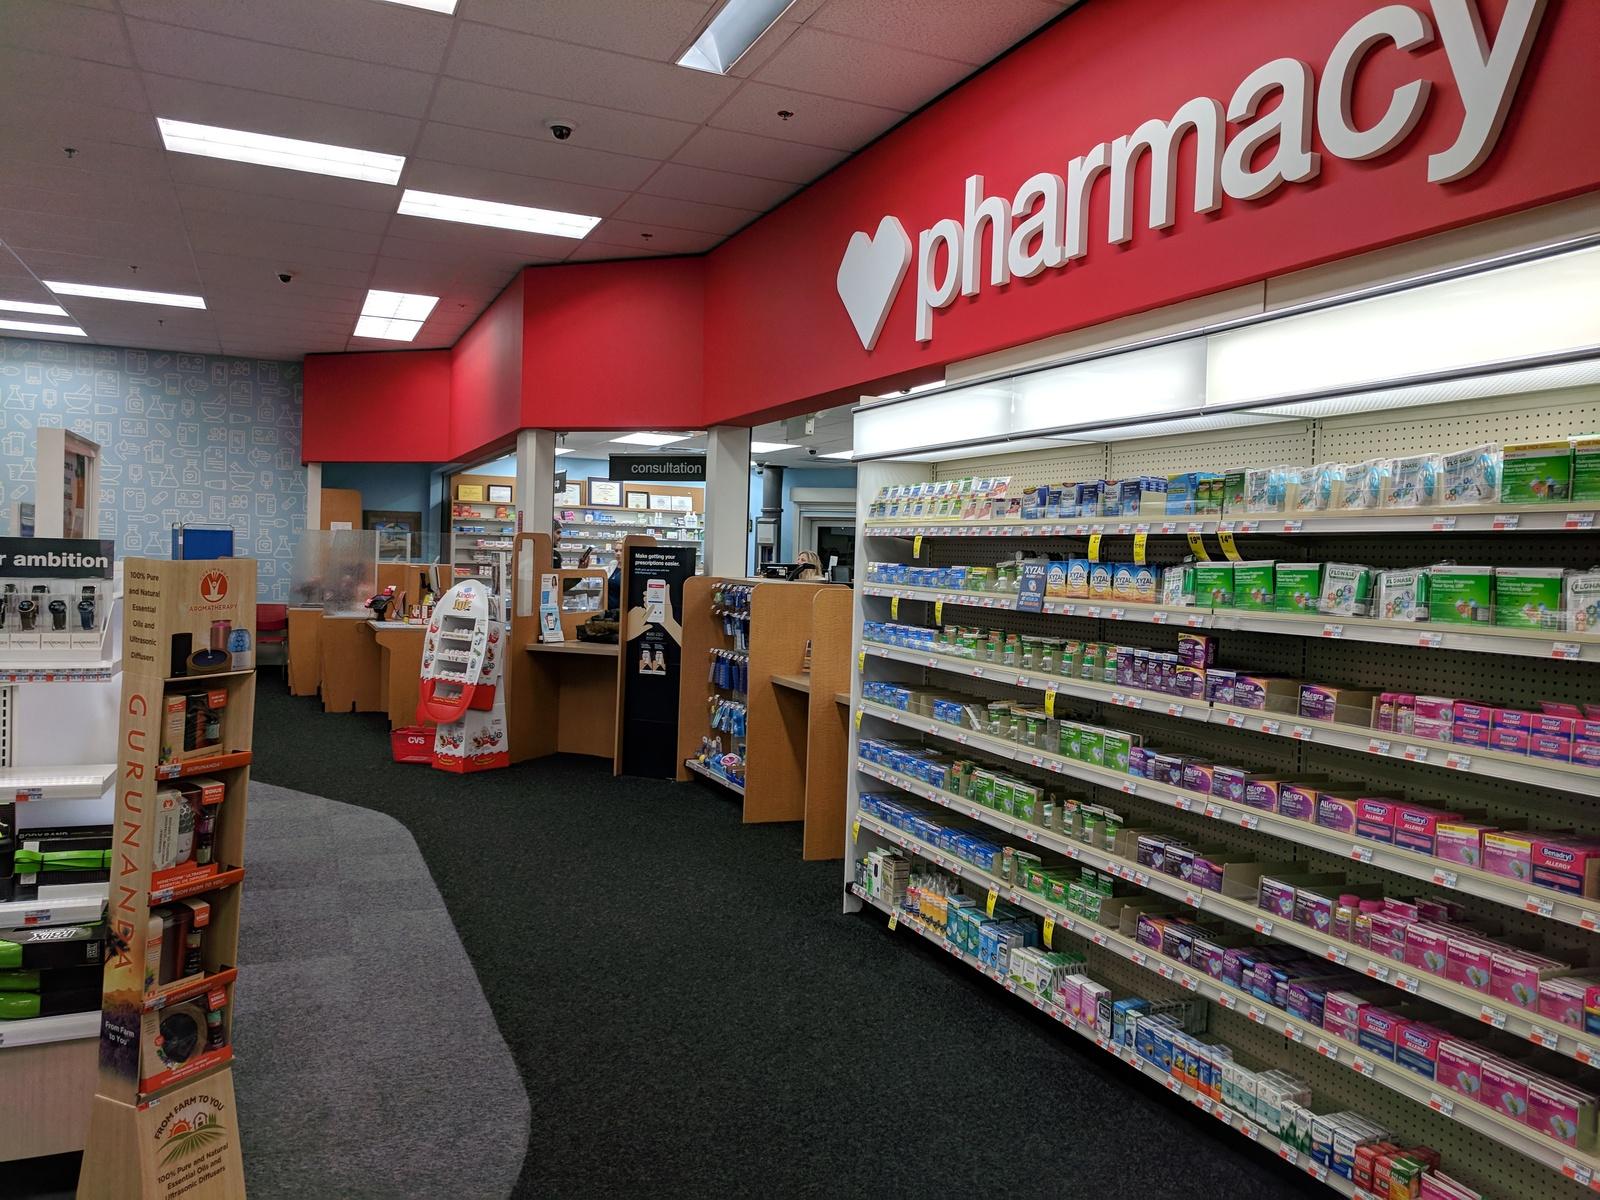 препараты для похудения в аптеке эффективные мтс